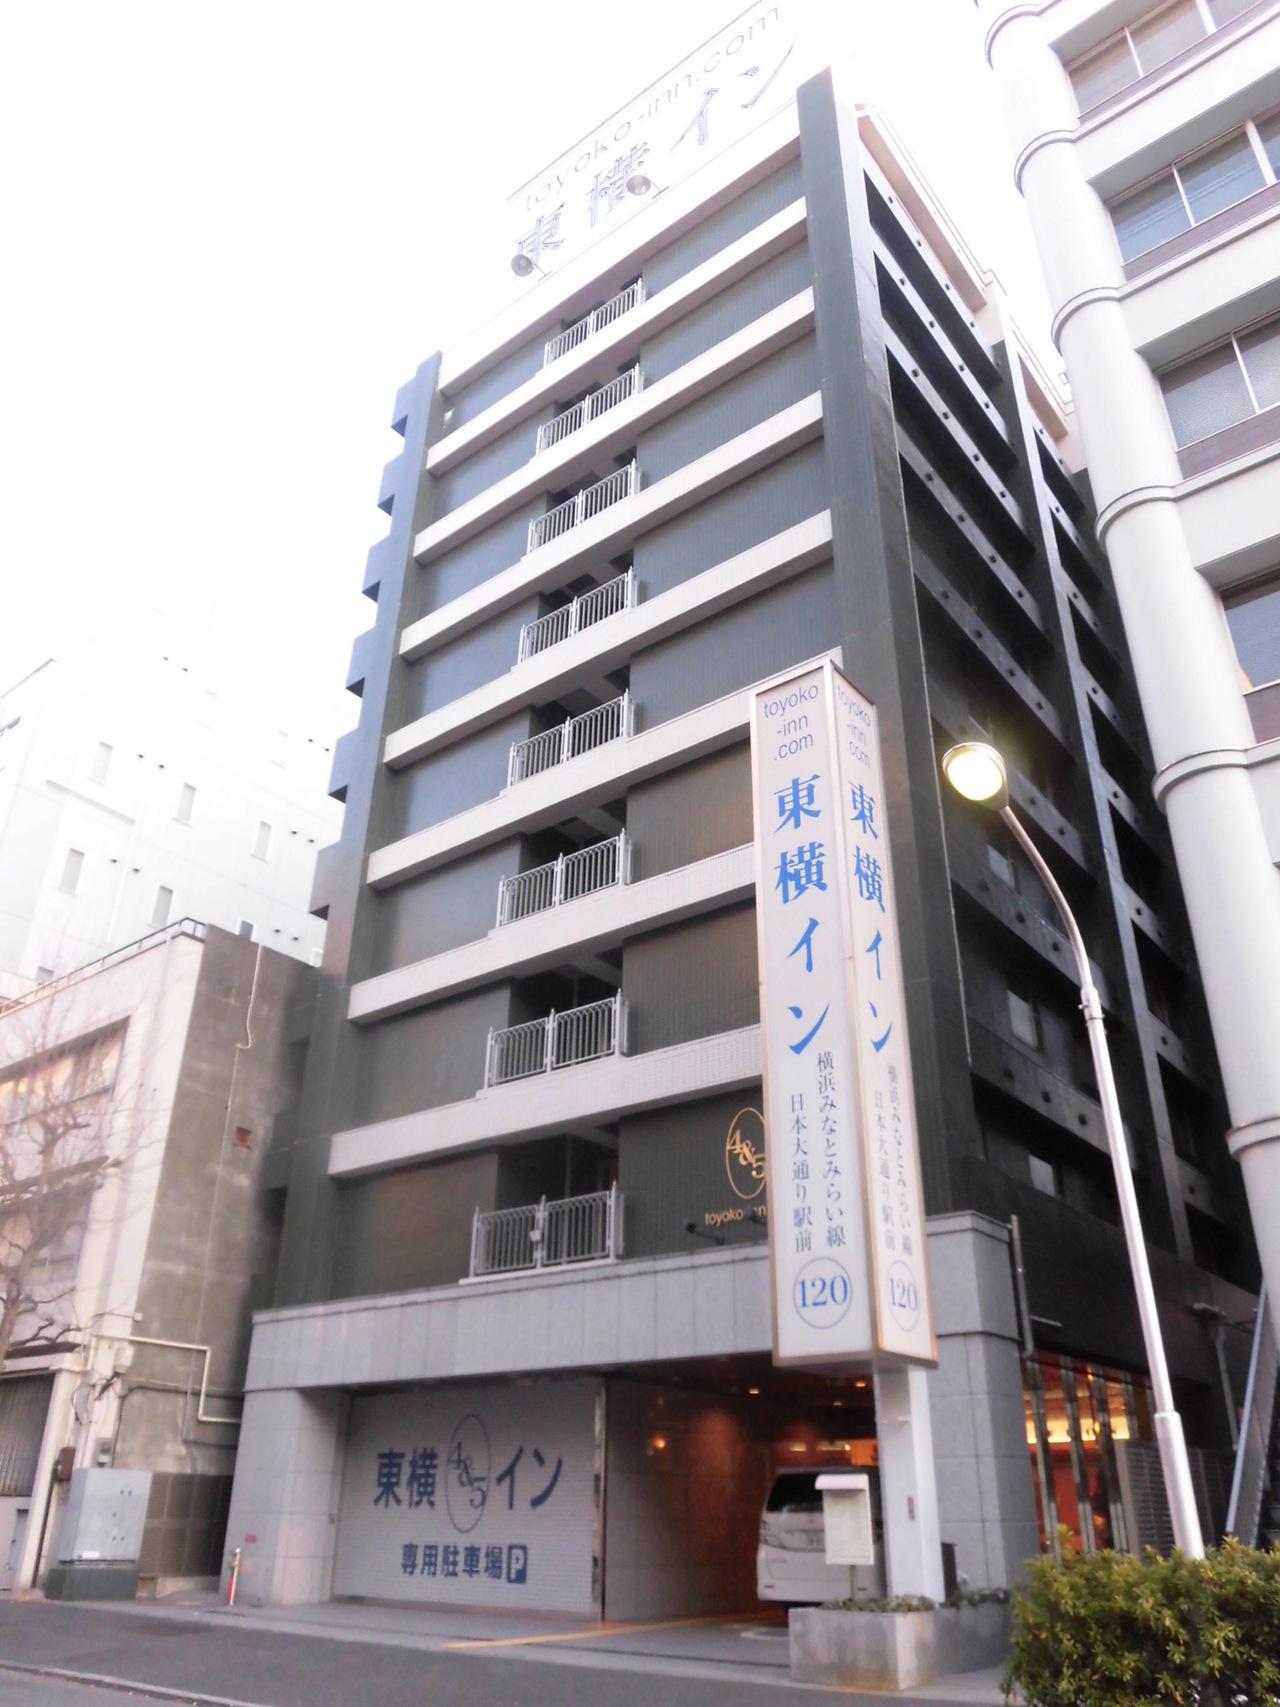 東横INN 横浜みなとみらい線日本大通り駅前